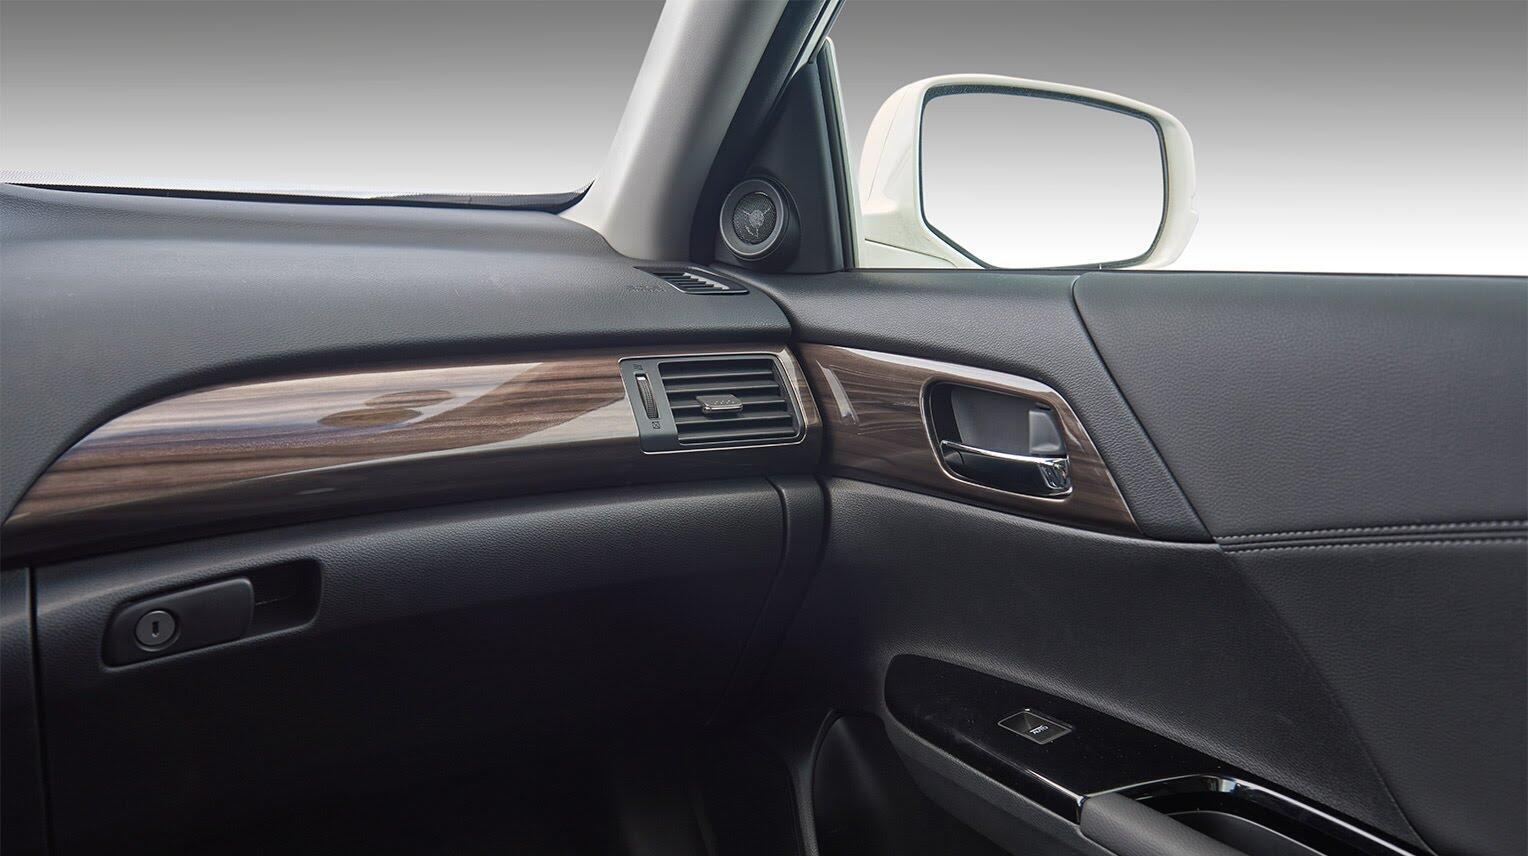 Đánh giá Honda Accord 2016: Ưa nhìn hơn, trang bị tốt hơn và lái phấn khích hơn - Hình 16